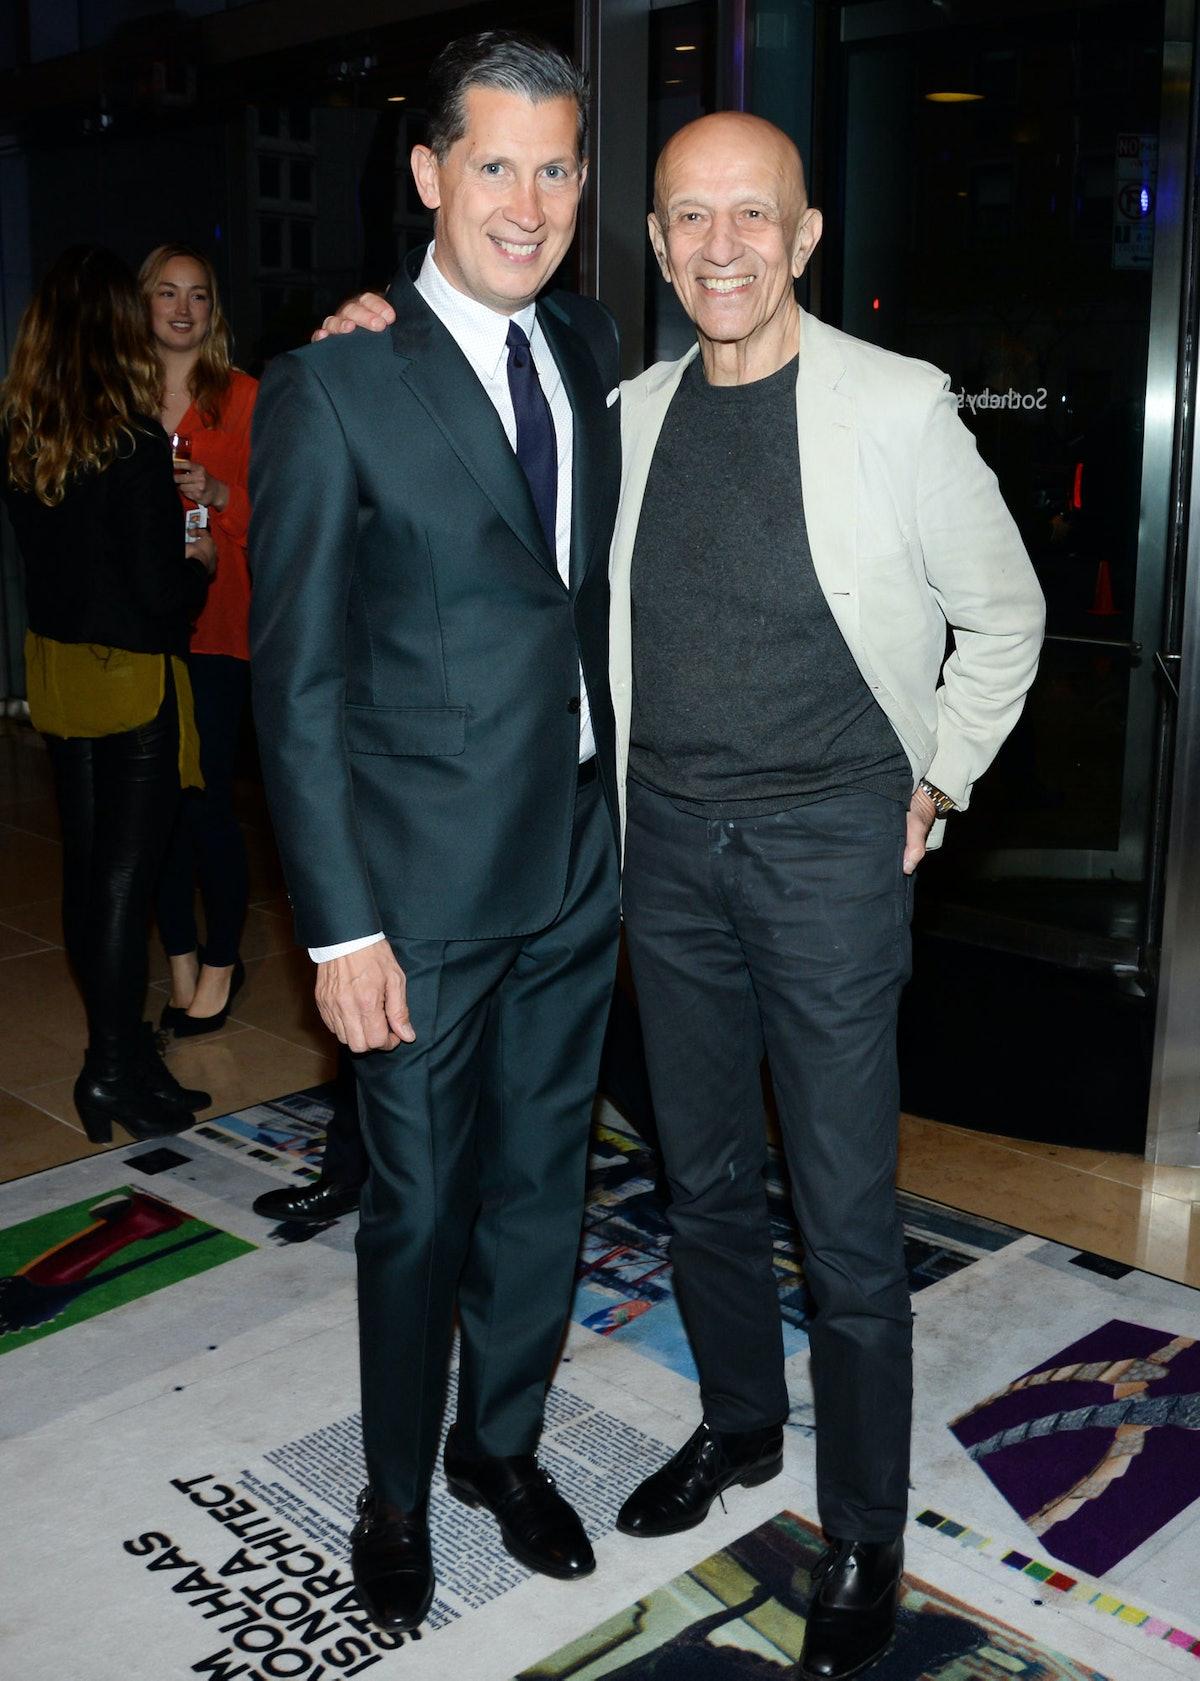 Stefano Tonchi and Alex Katz